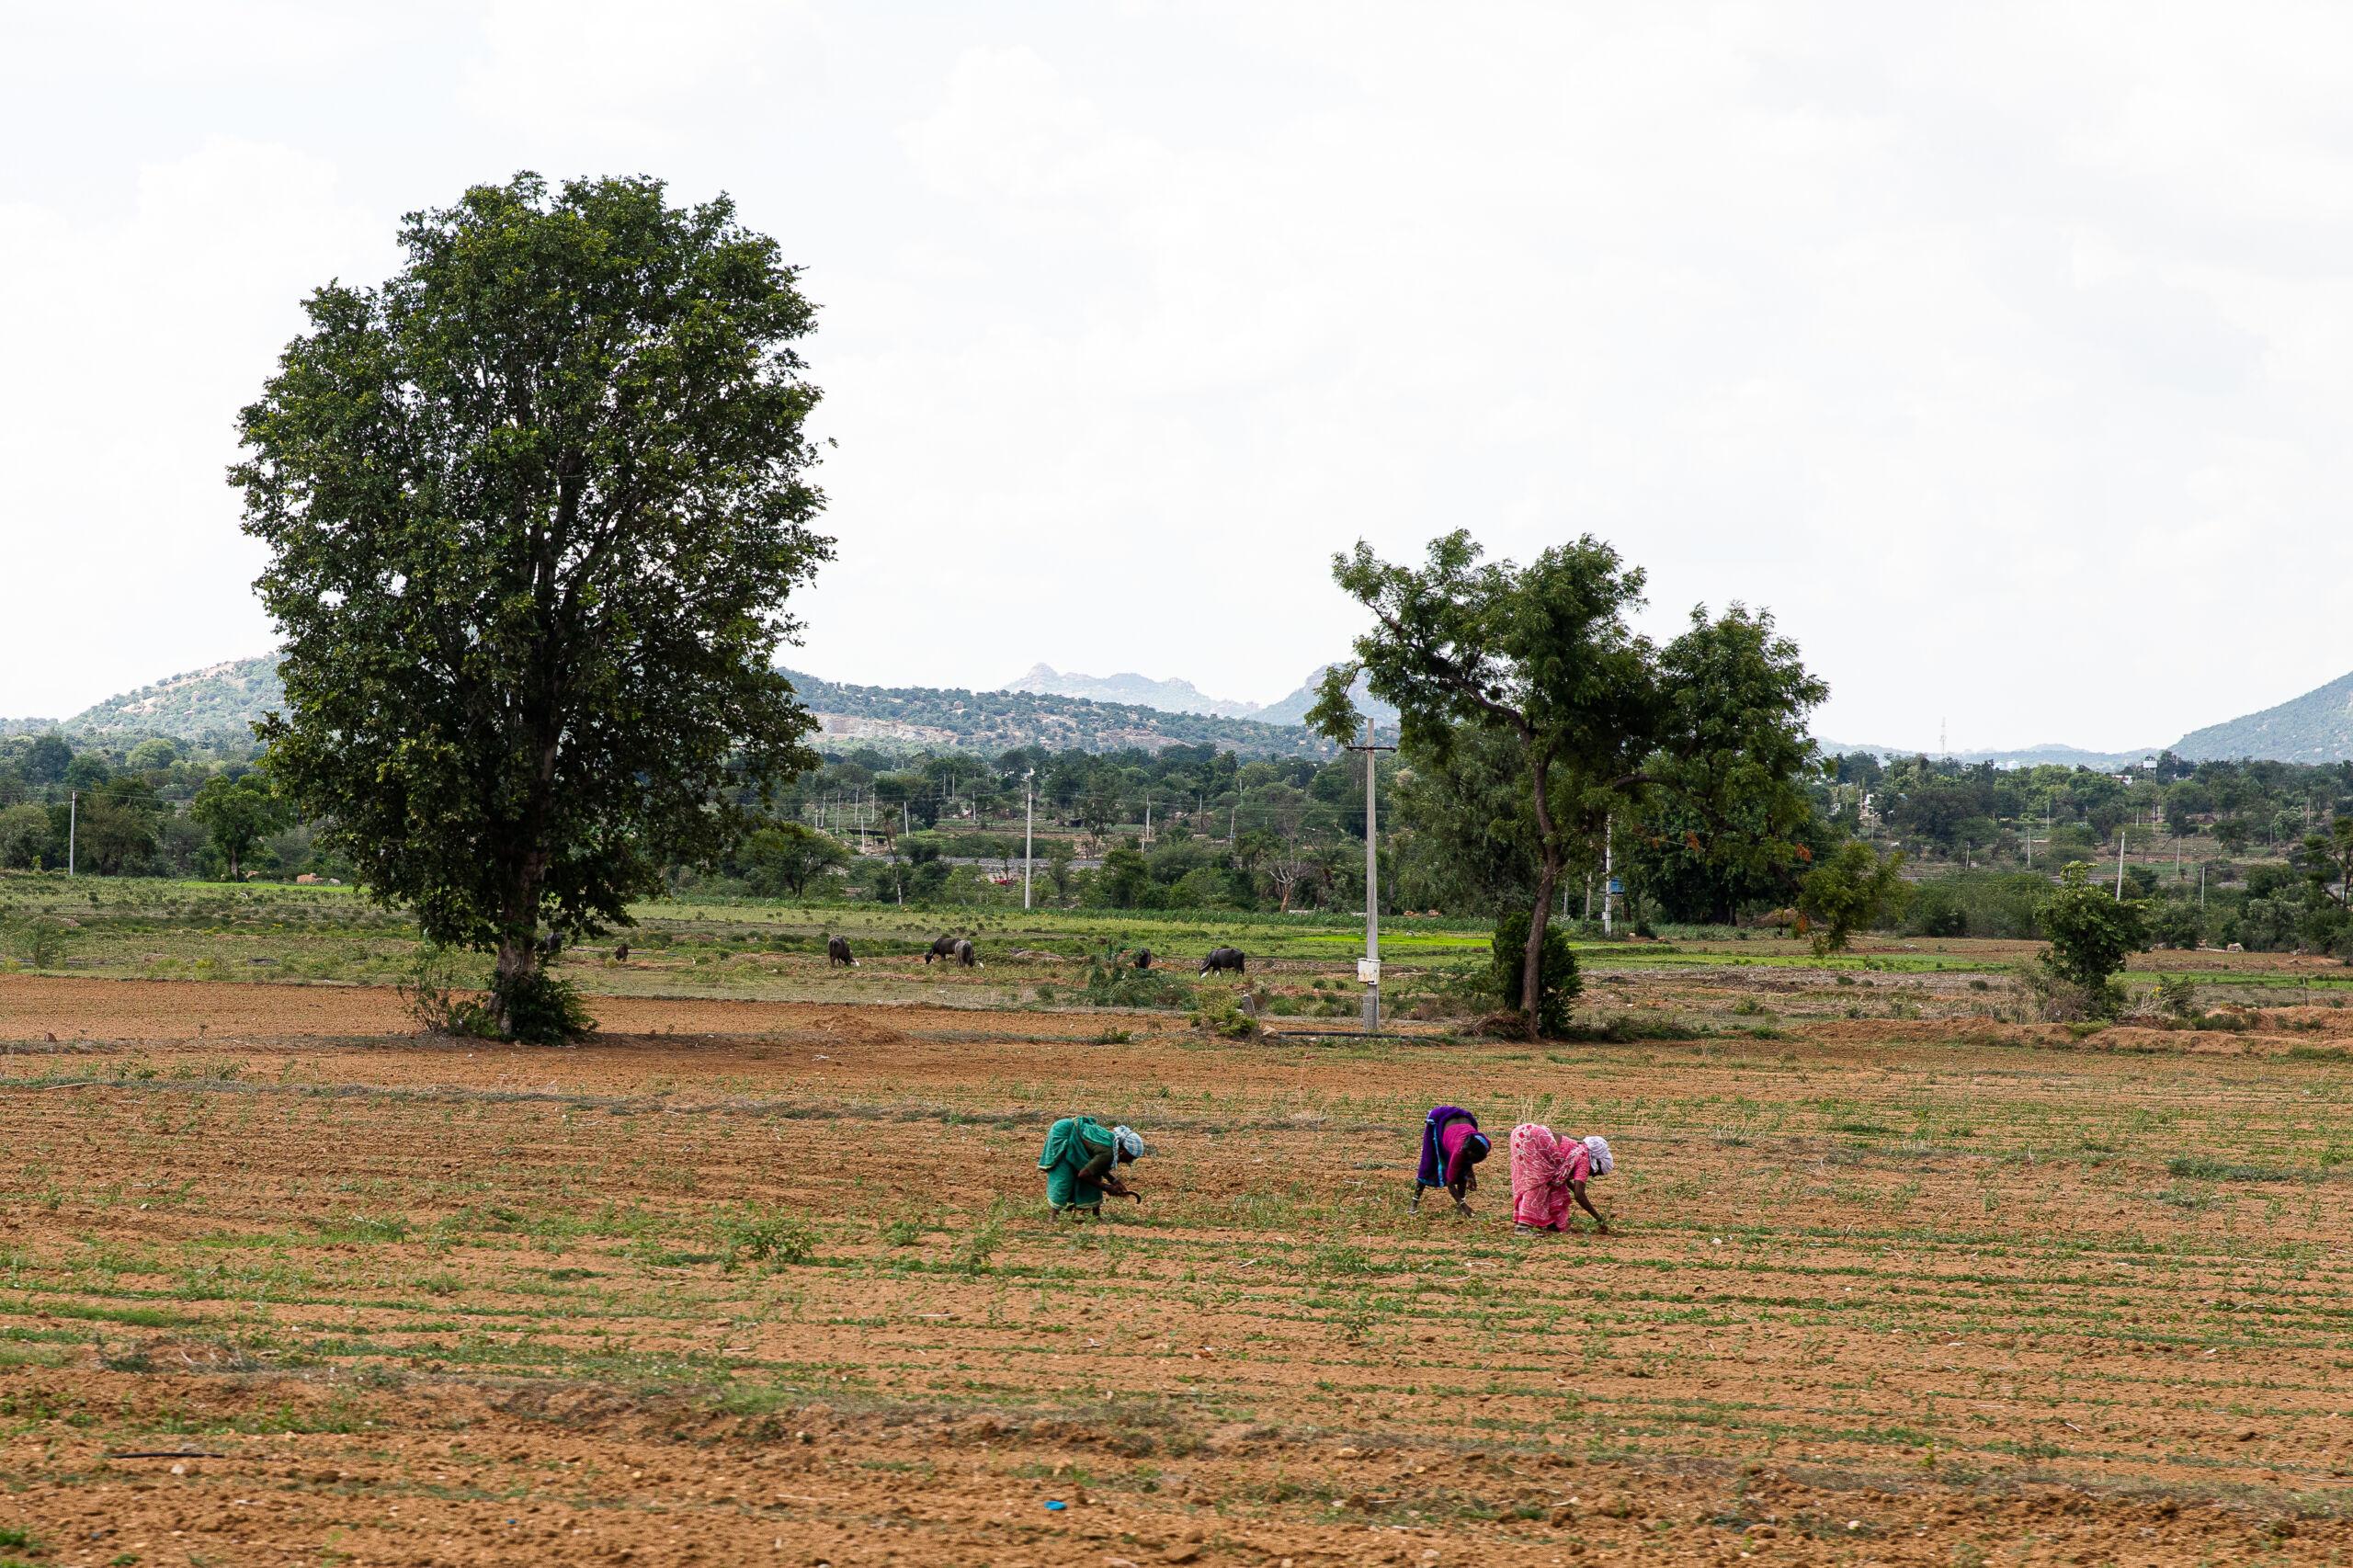 women work in a large field